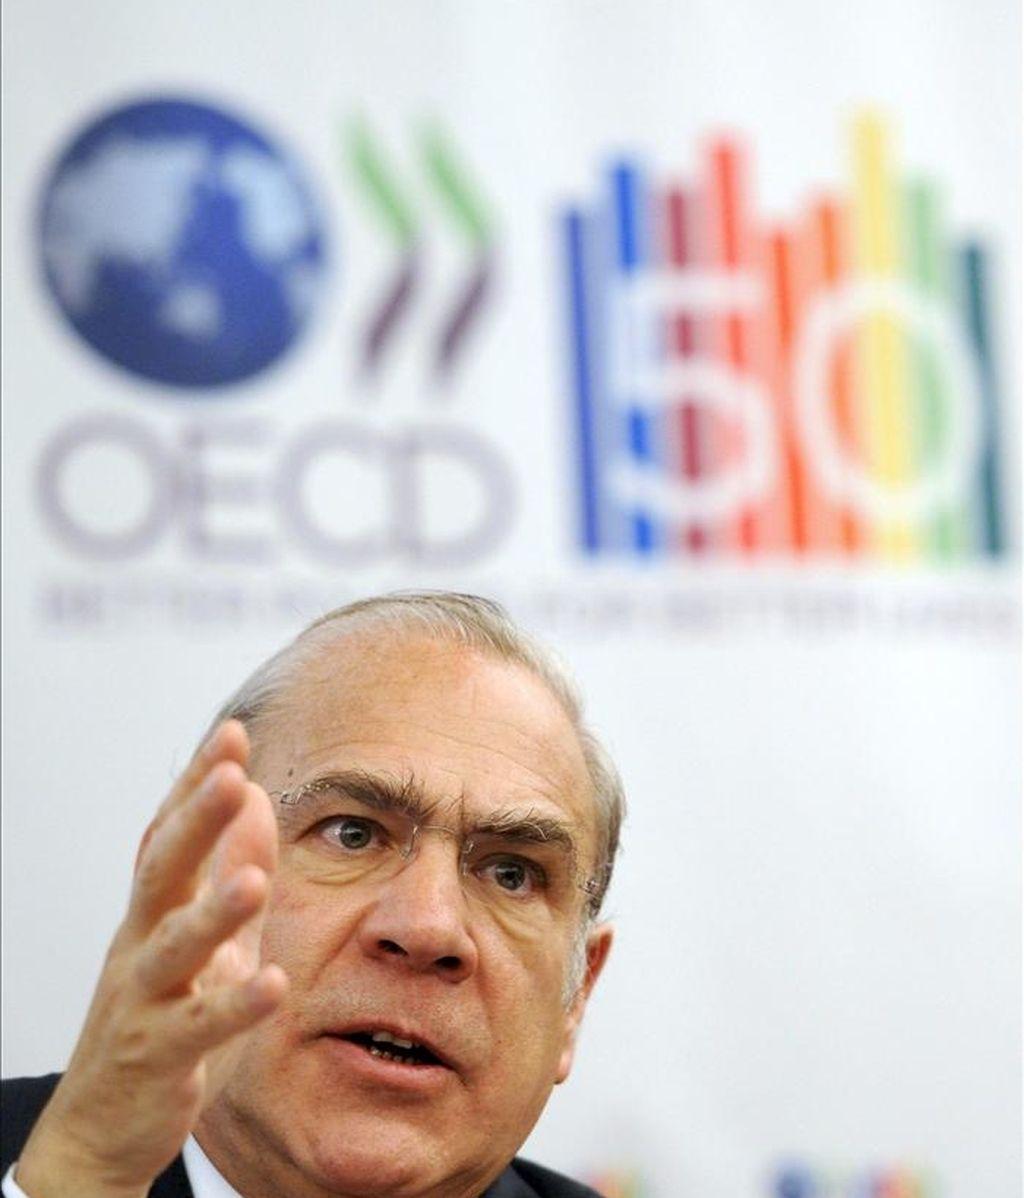 El secretario general de la Organización para la Cooperación y el Desarrollo Económico (OCDE), Ángel Gurría, durante una rueda de prensa. EFE/Archivo